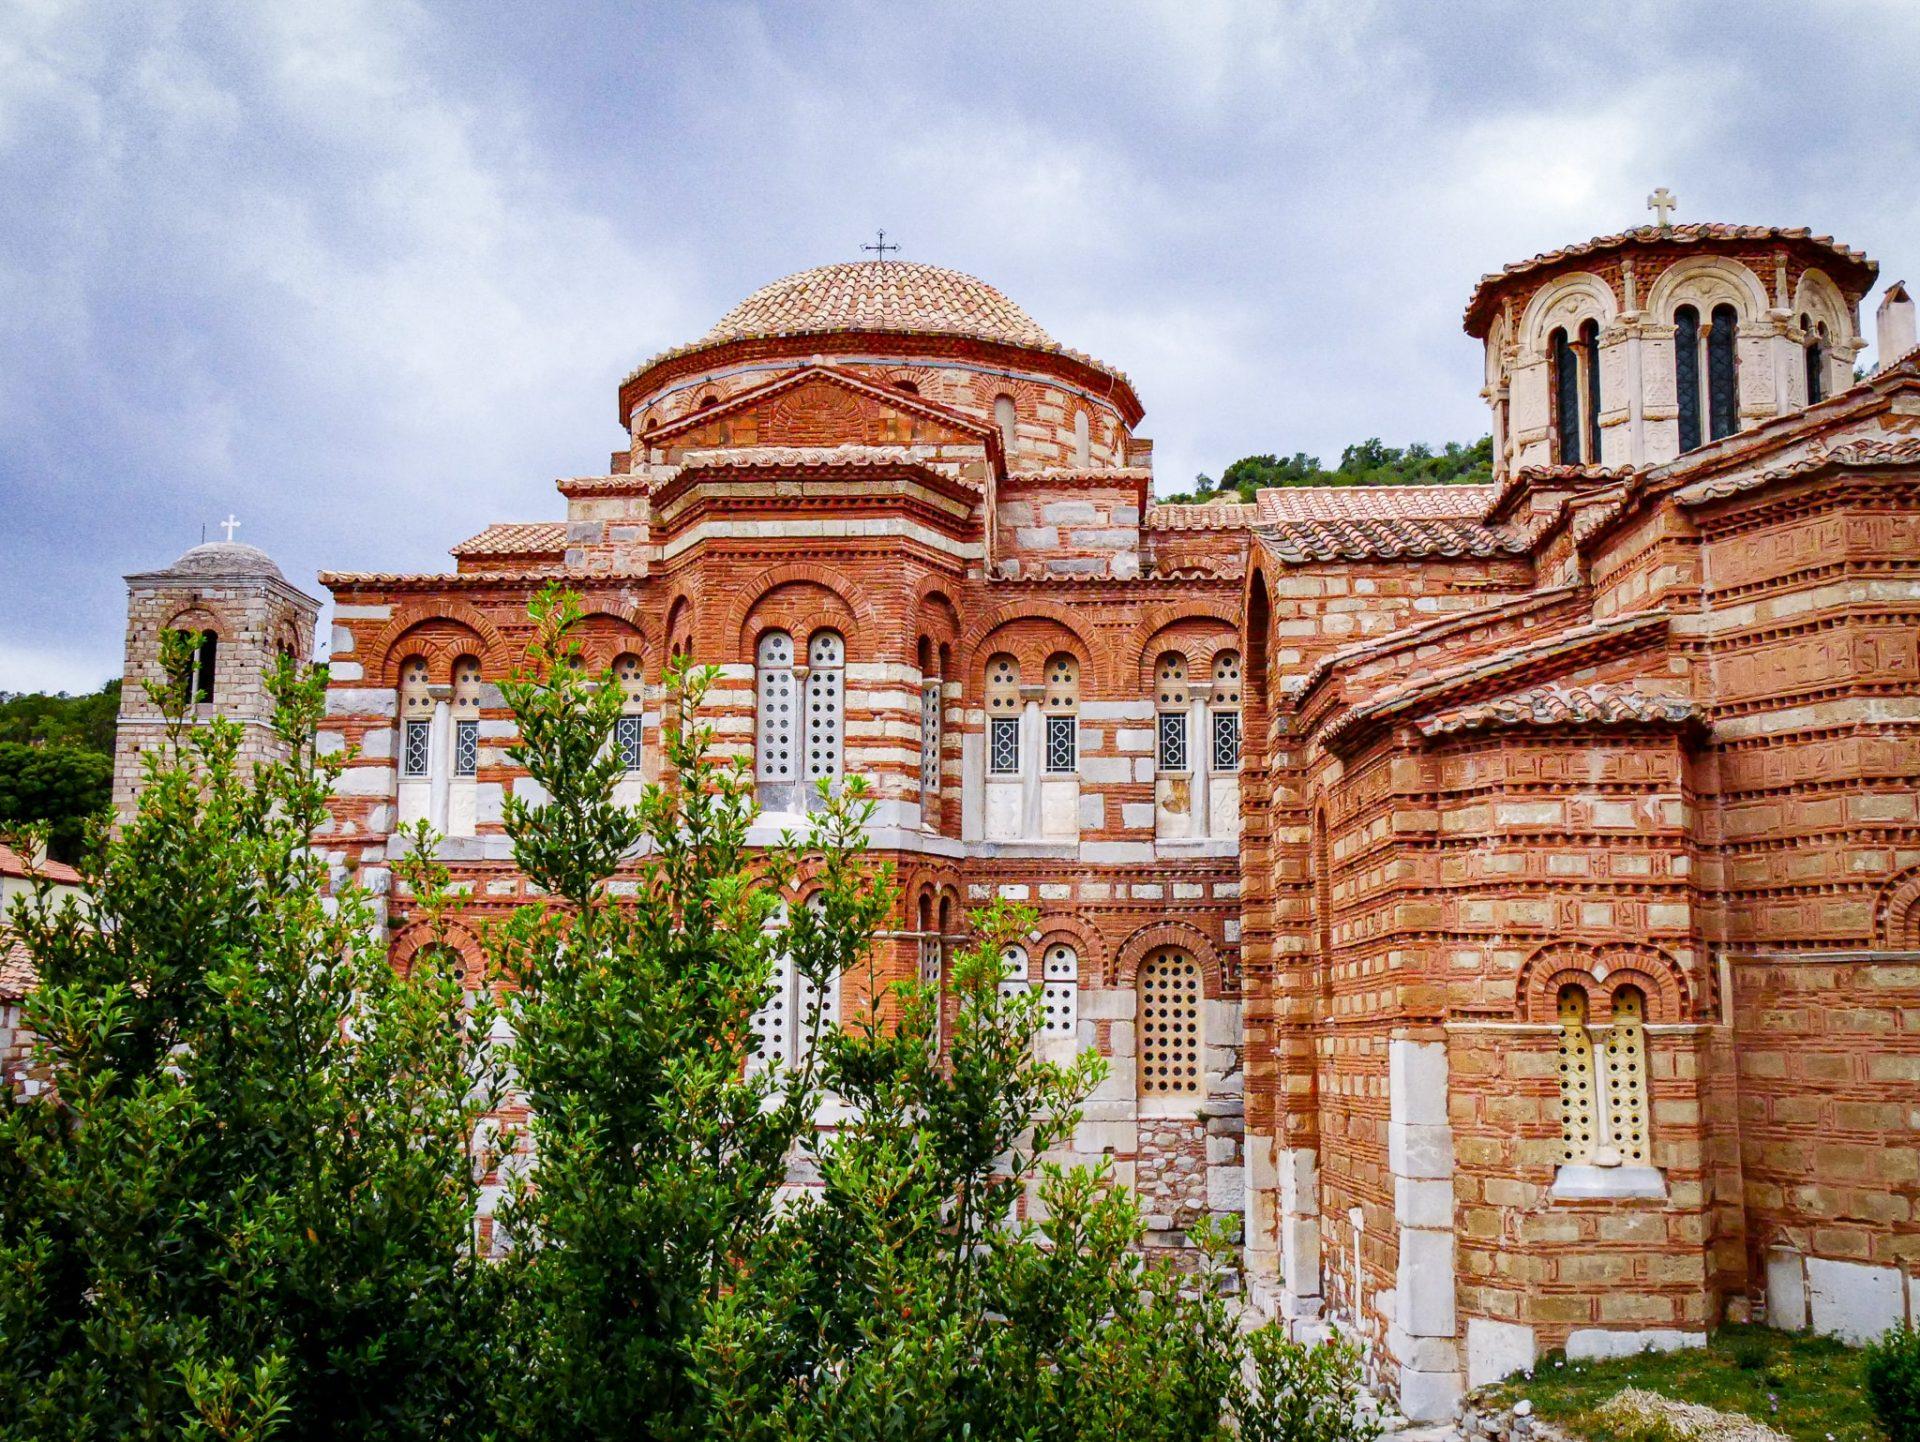 Grèce - monastère d'Ossios Loukas